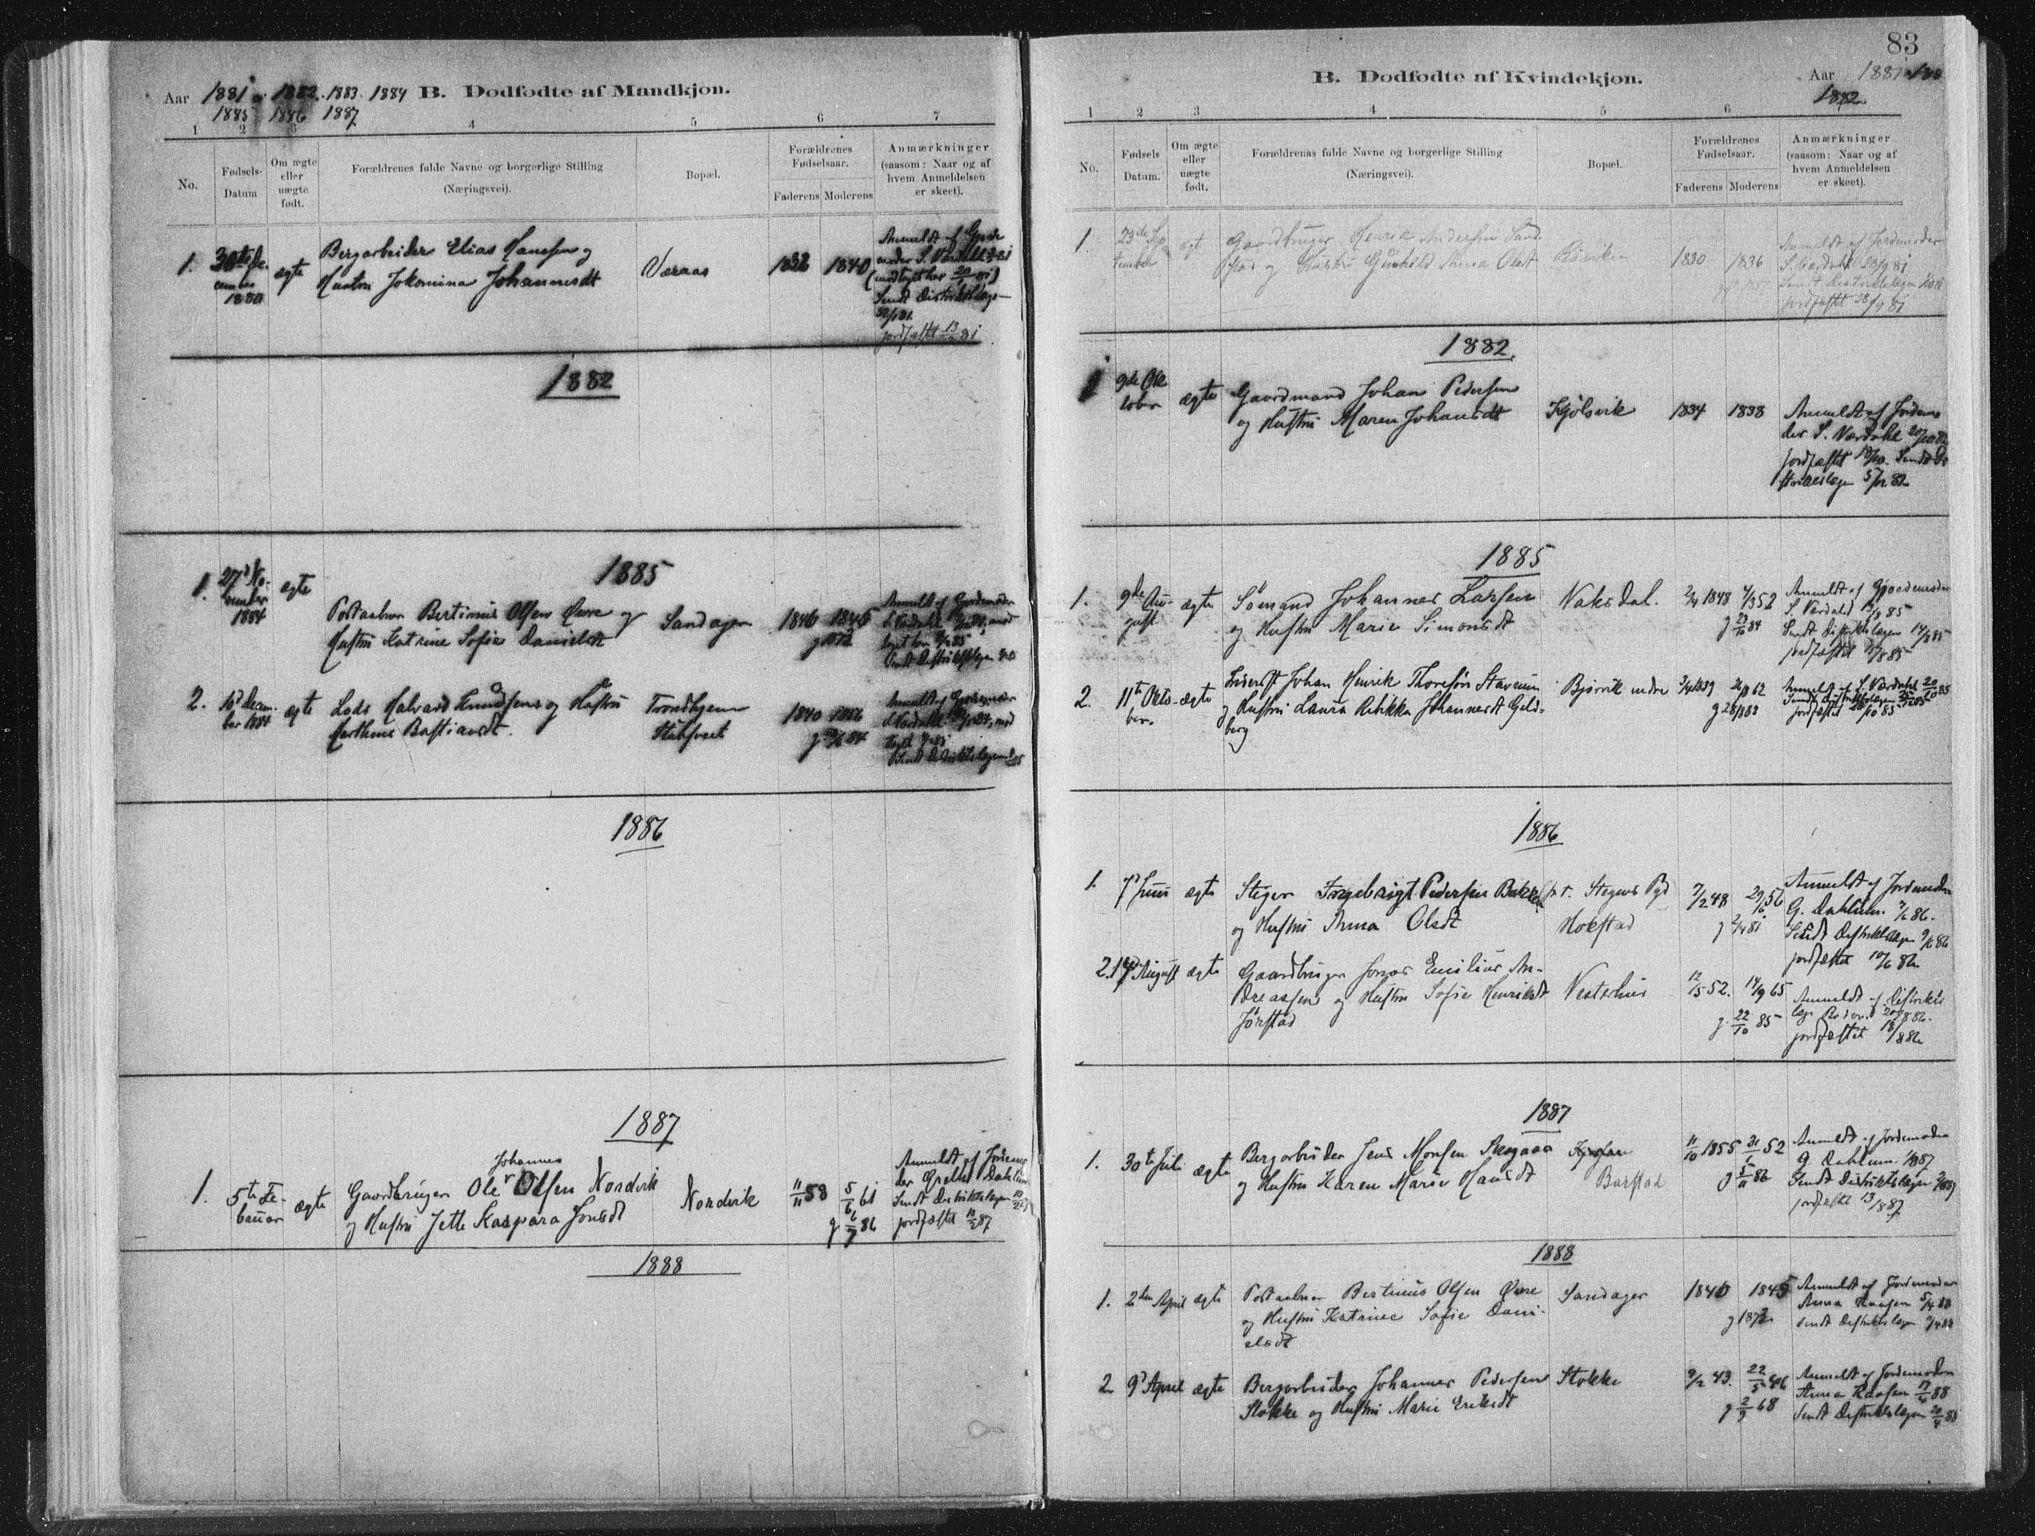 SAT, Ministerialprotokoller, klokkerbøker og fødselsregistre - Nord-Trøndelag, 722/L0220: Ministerialbok nr. 722A07, 1881-1908, s. 83